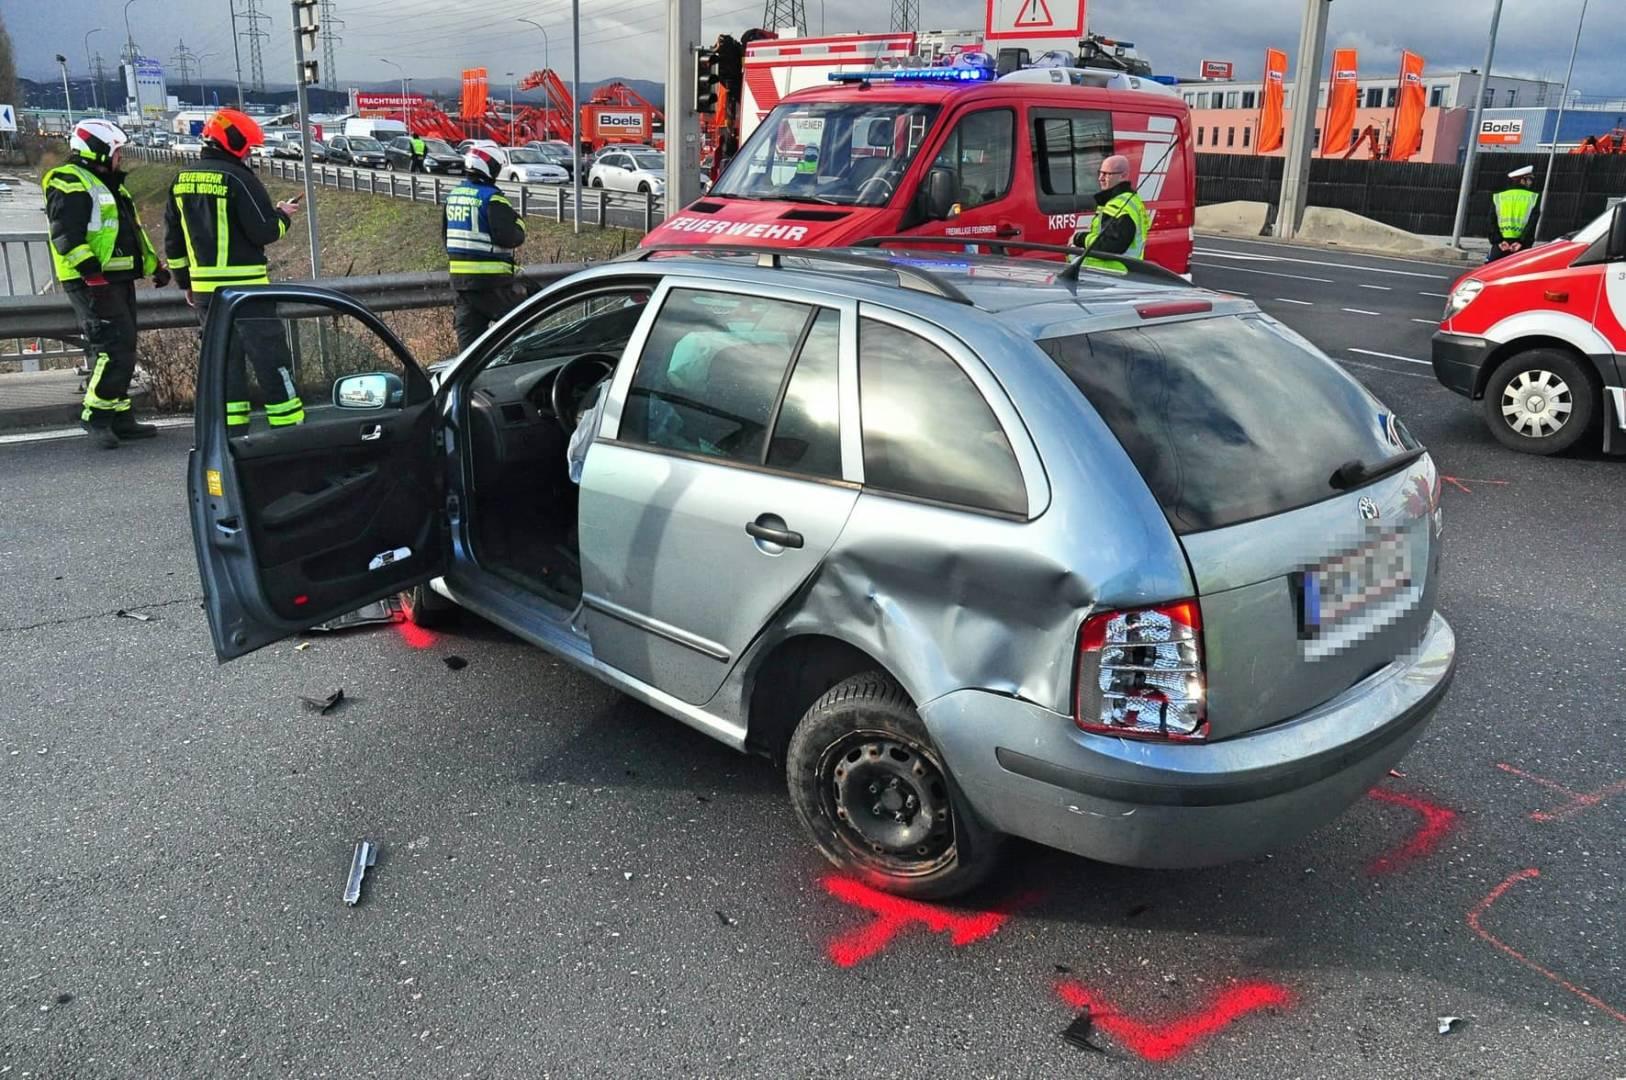 Verkehrsunfall am Valentinstag endet glimpflich